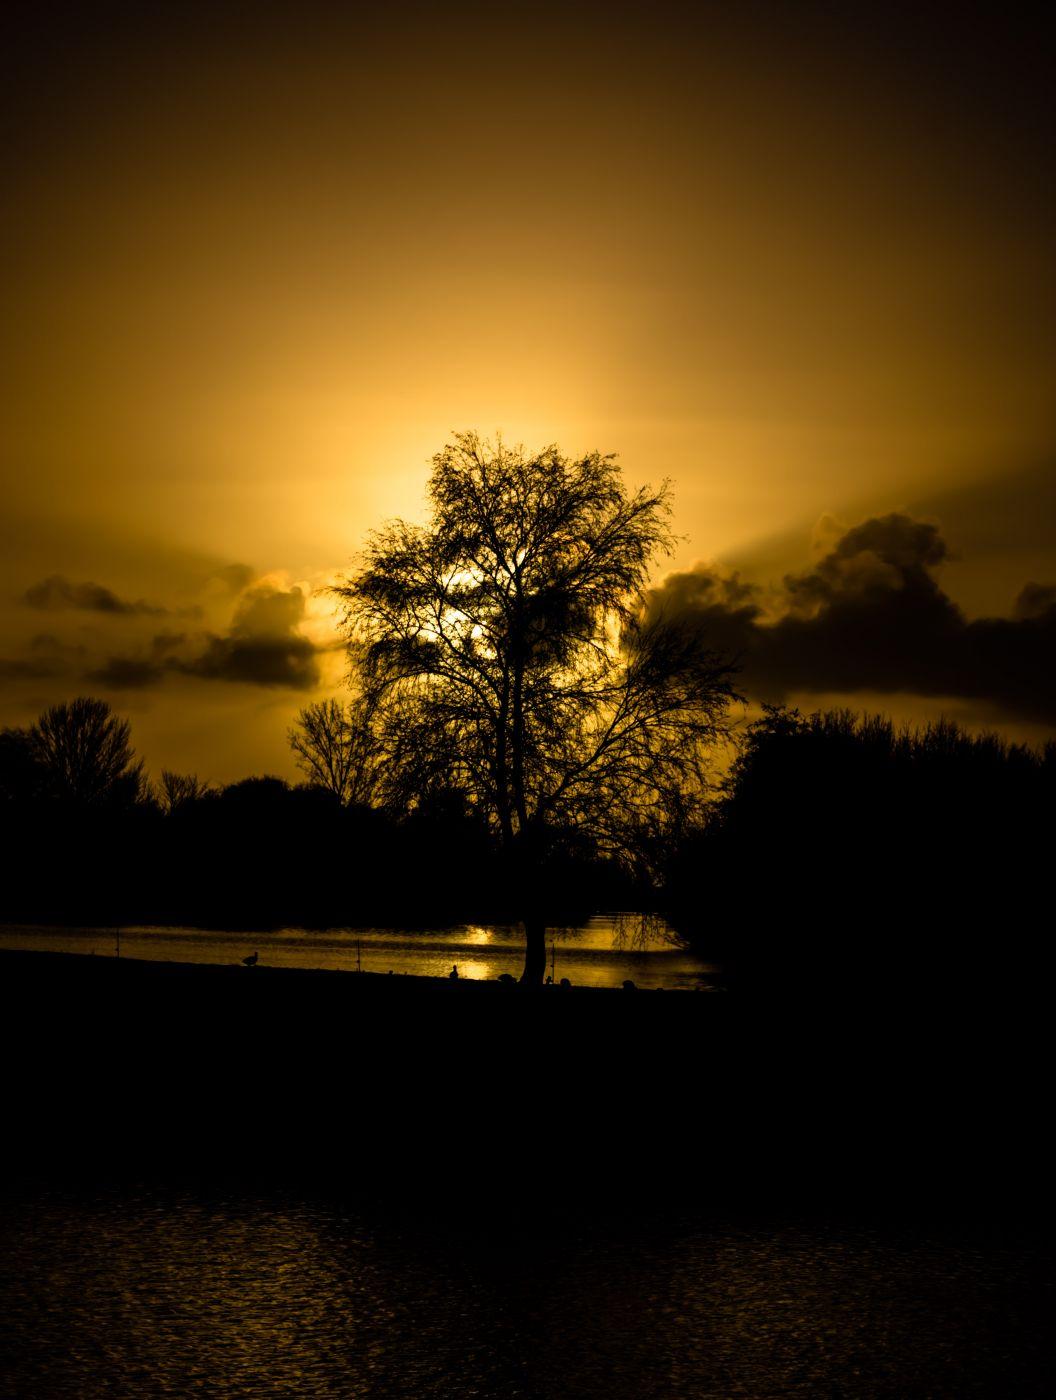 Vecht sunset, Netherlands